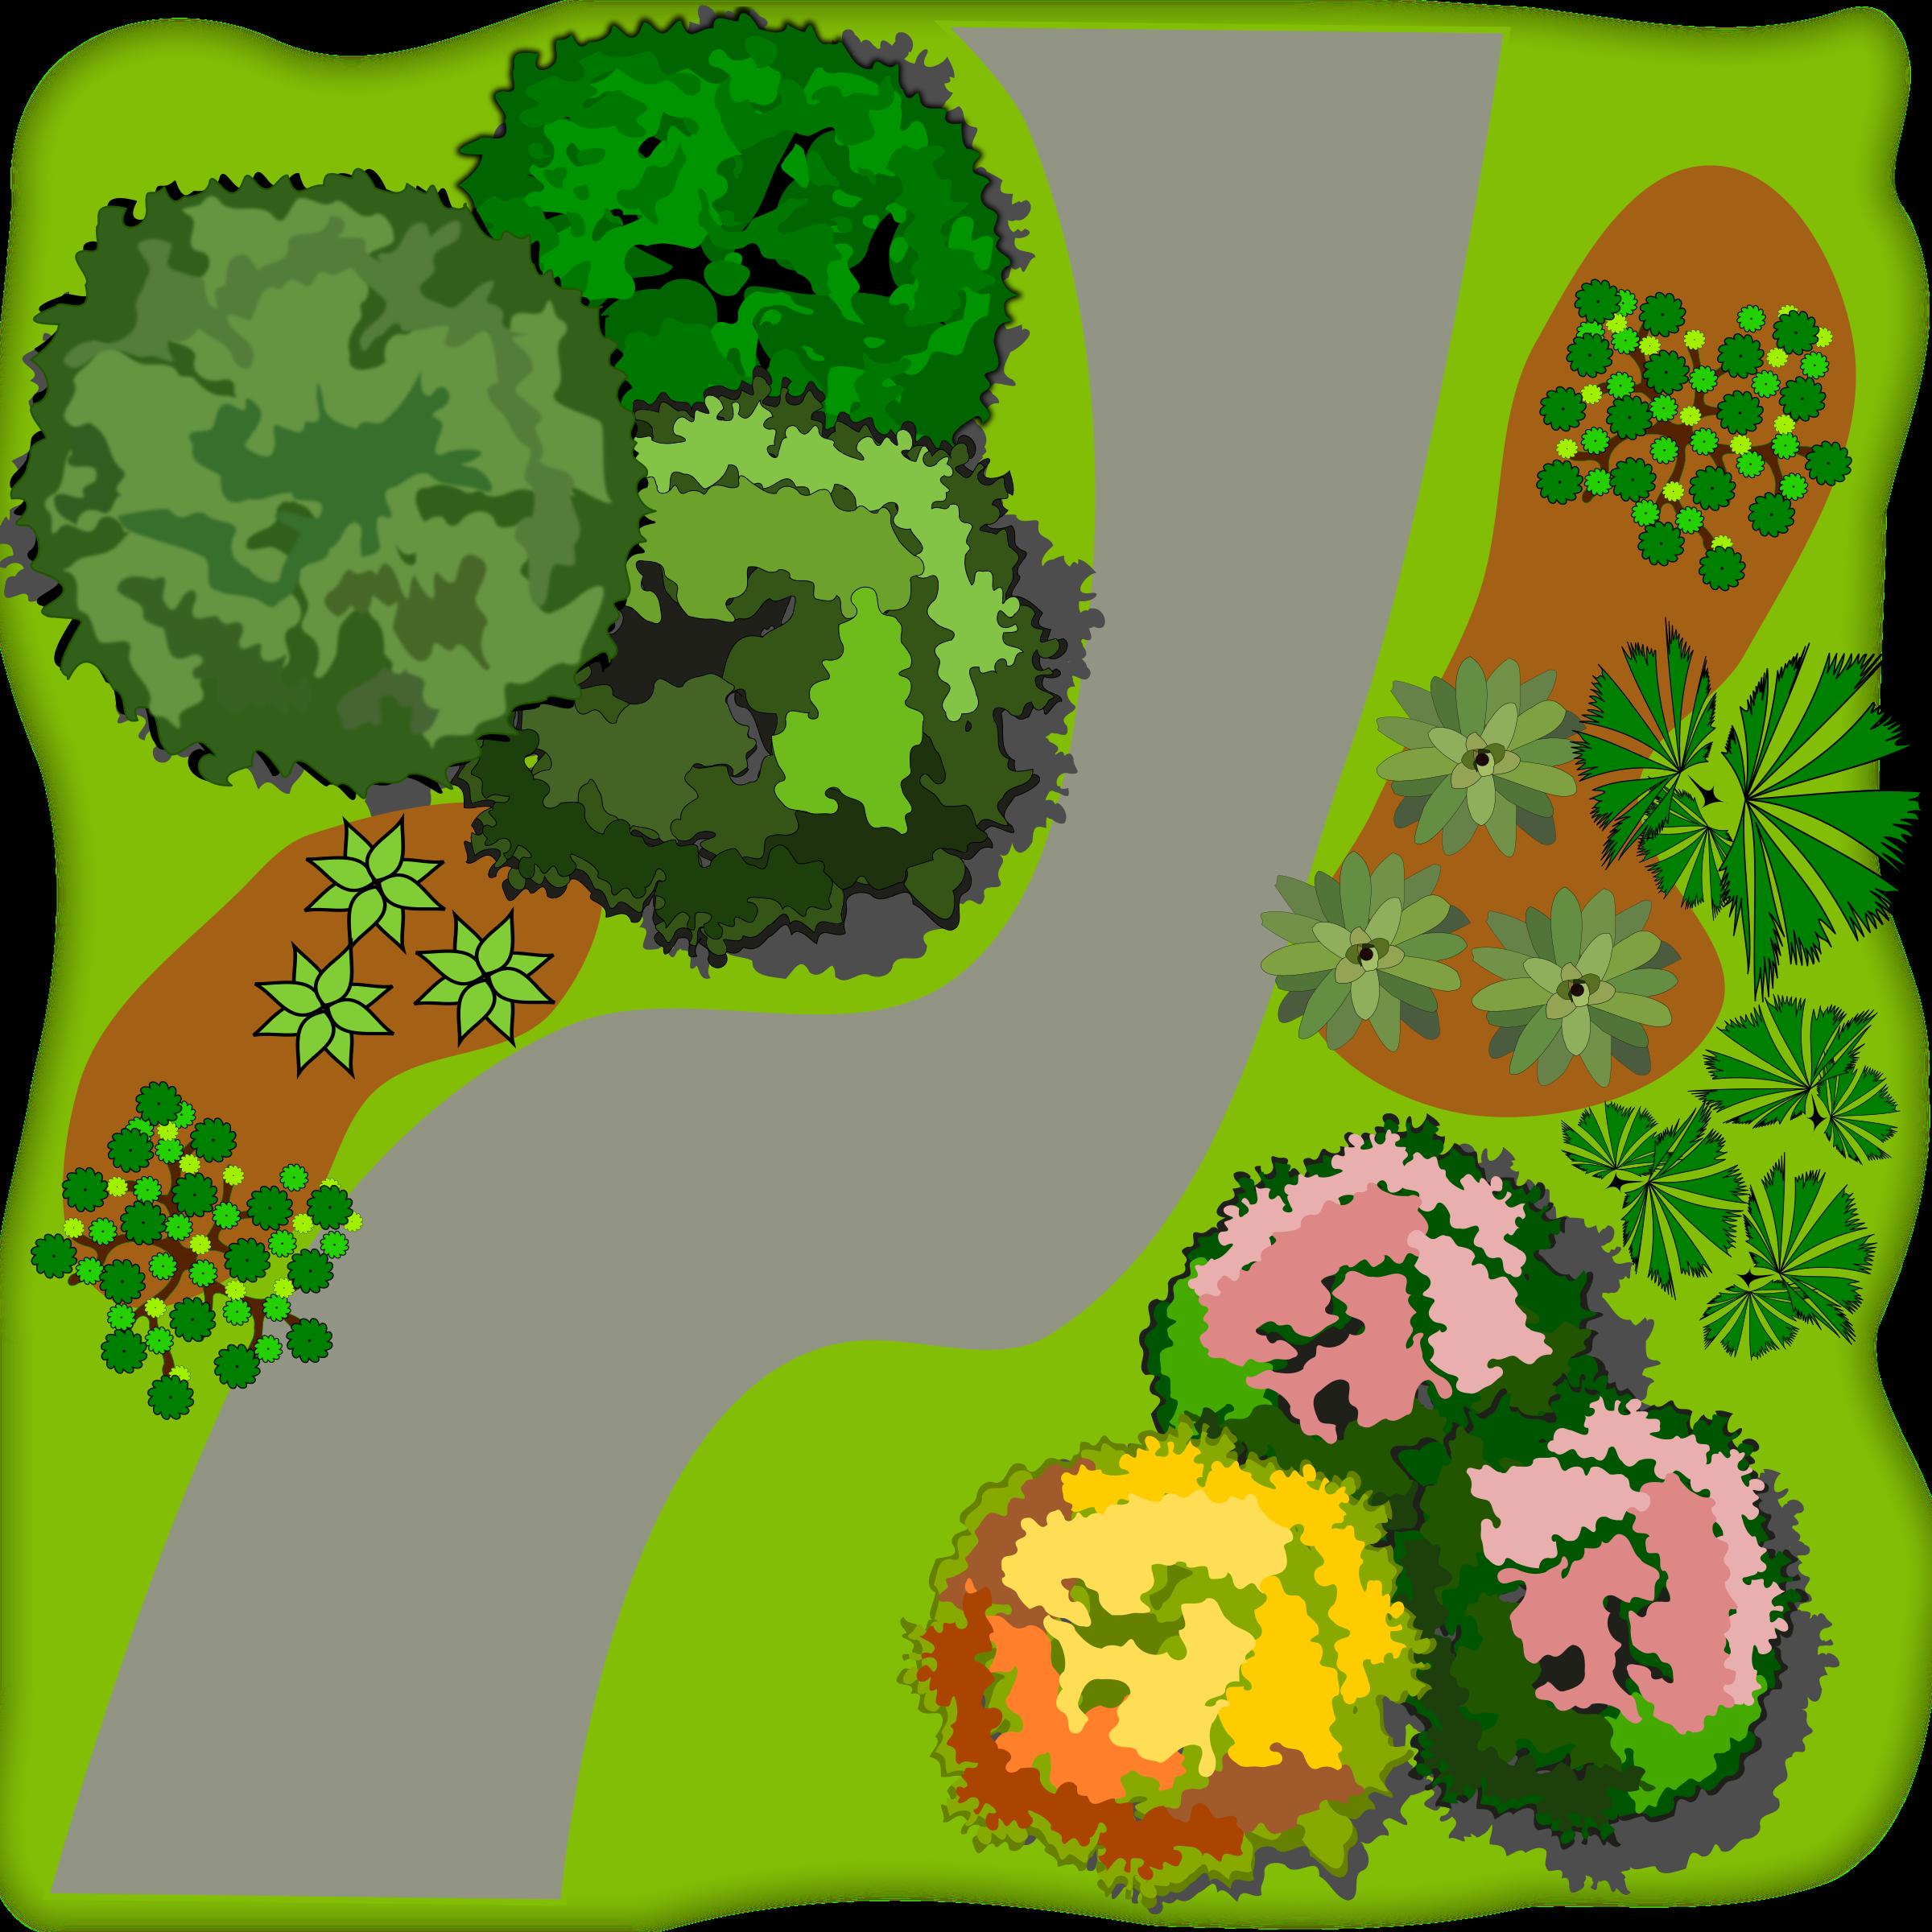 Landscaping big image png. Landscape clipart land scape